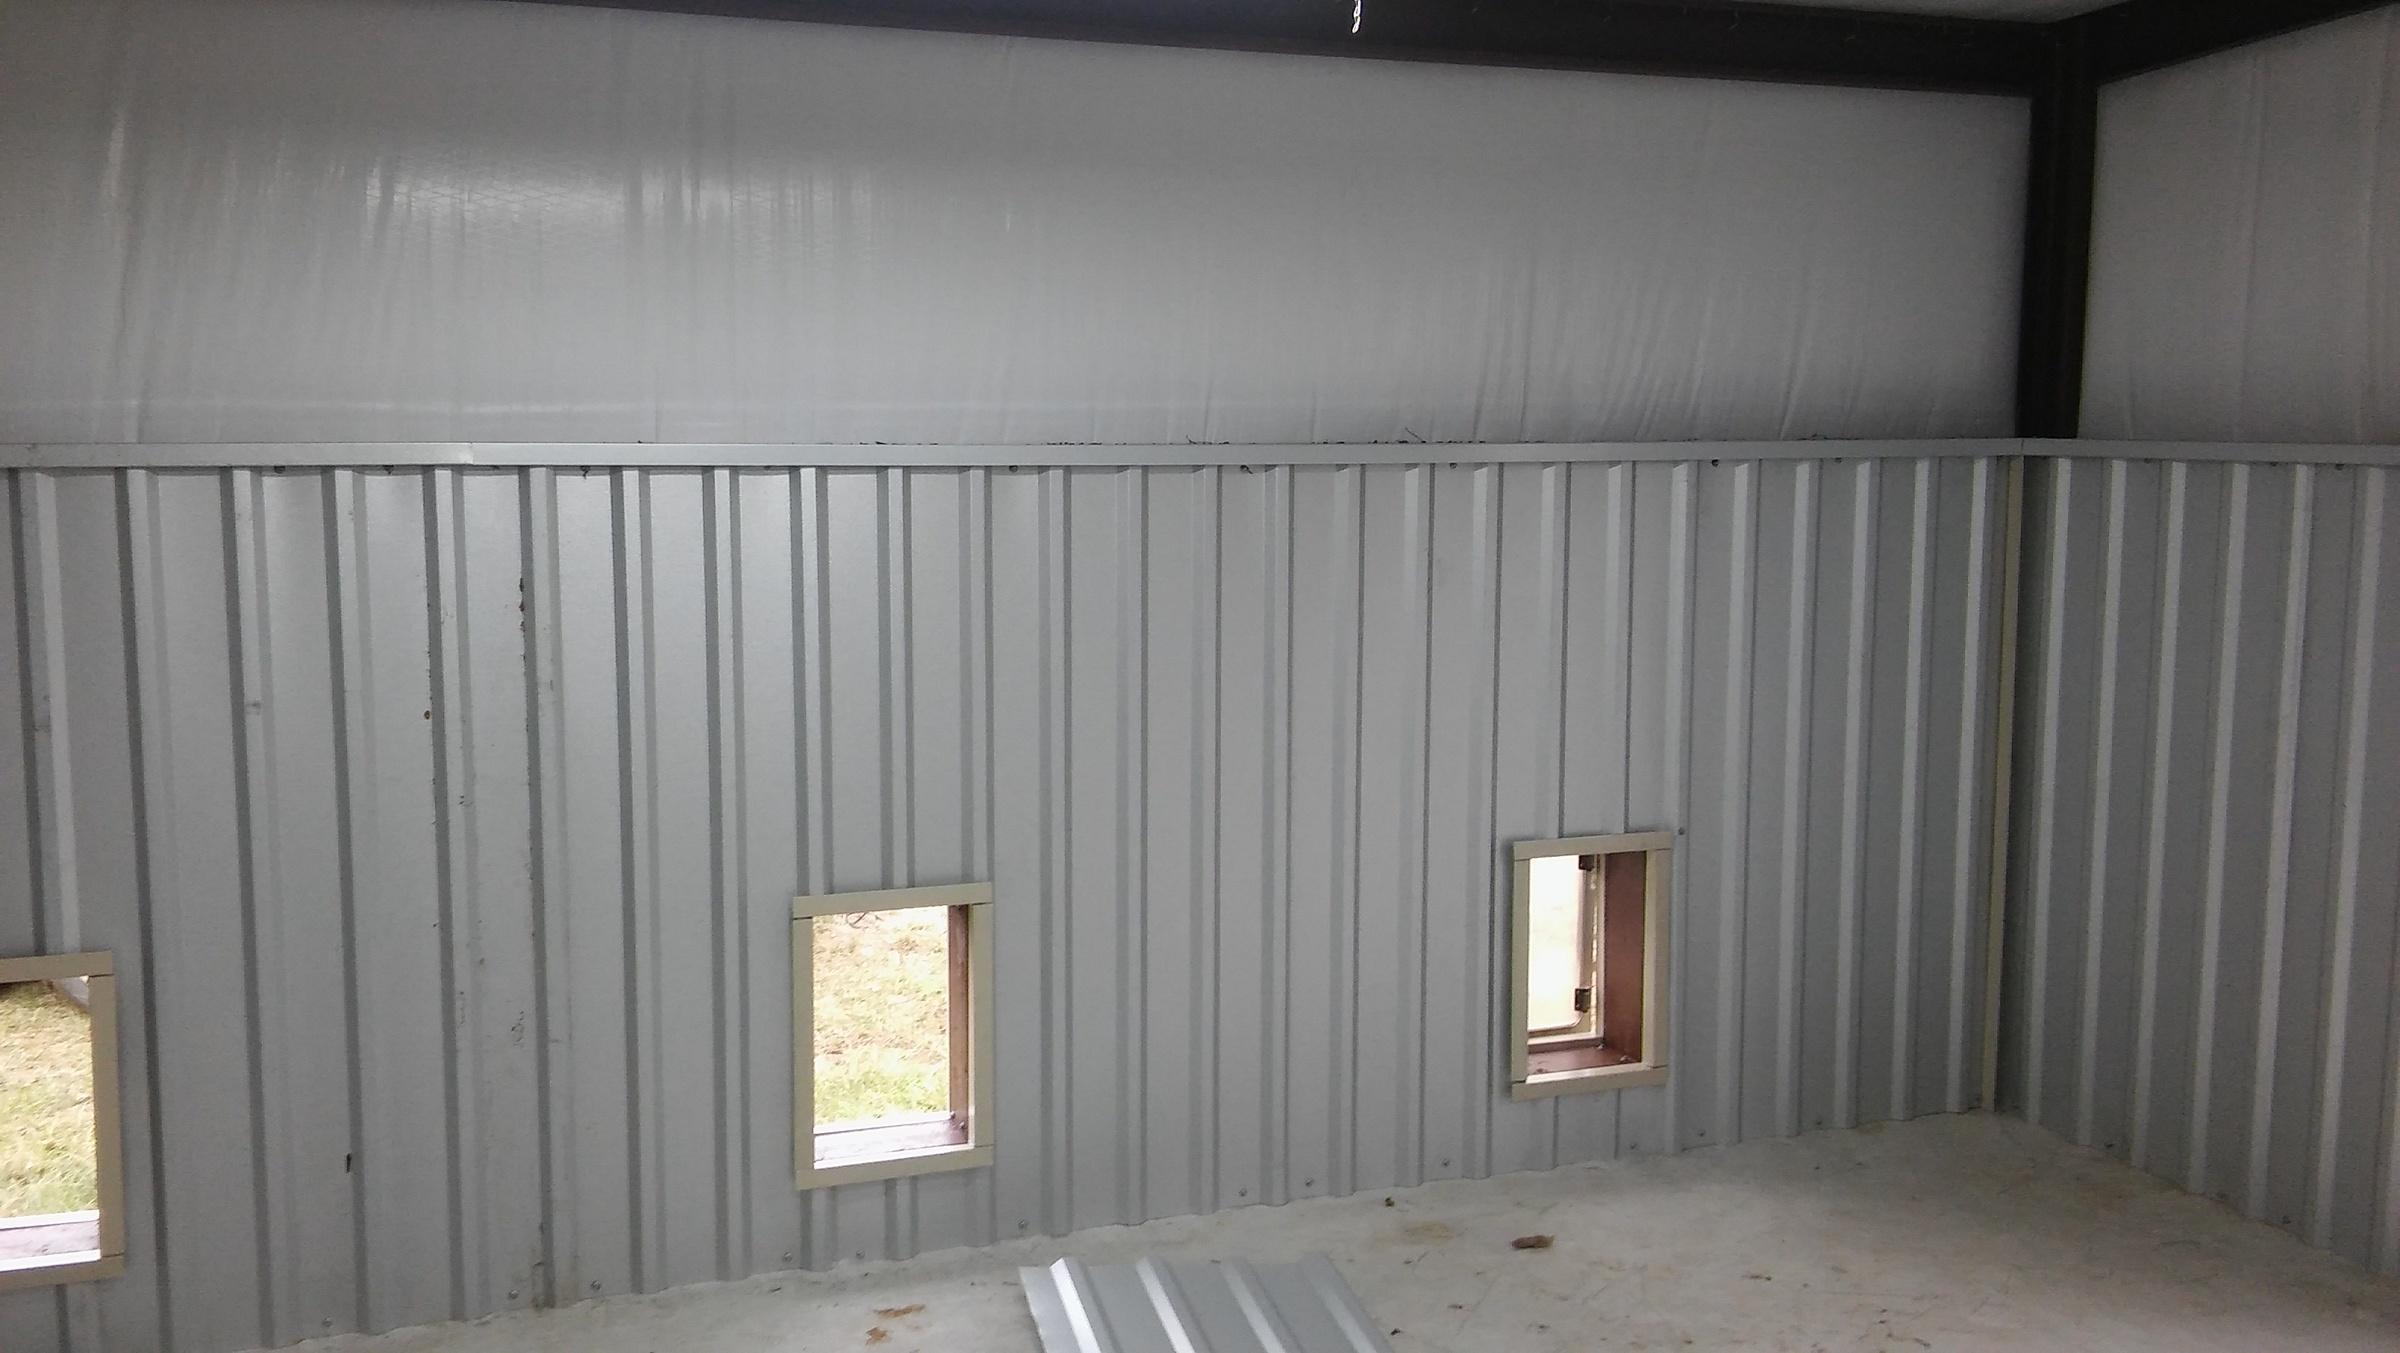 Bad Ass Metal Building